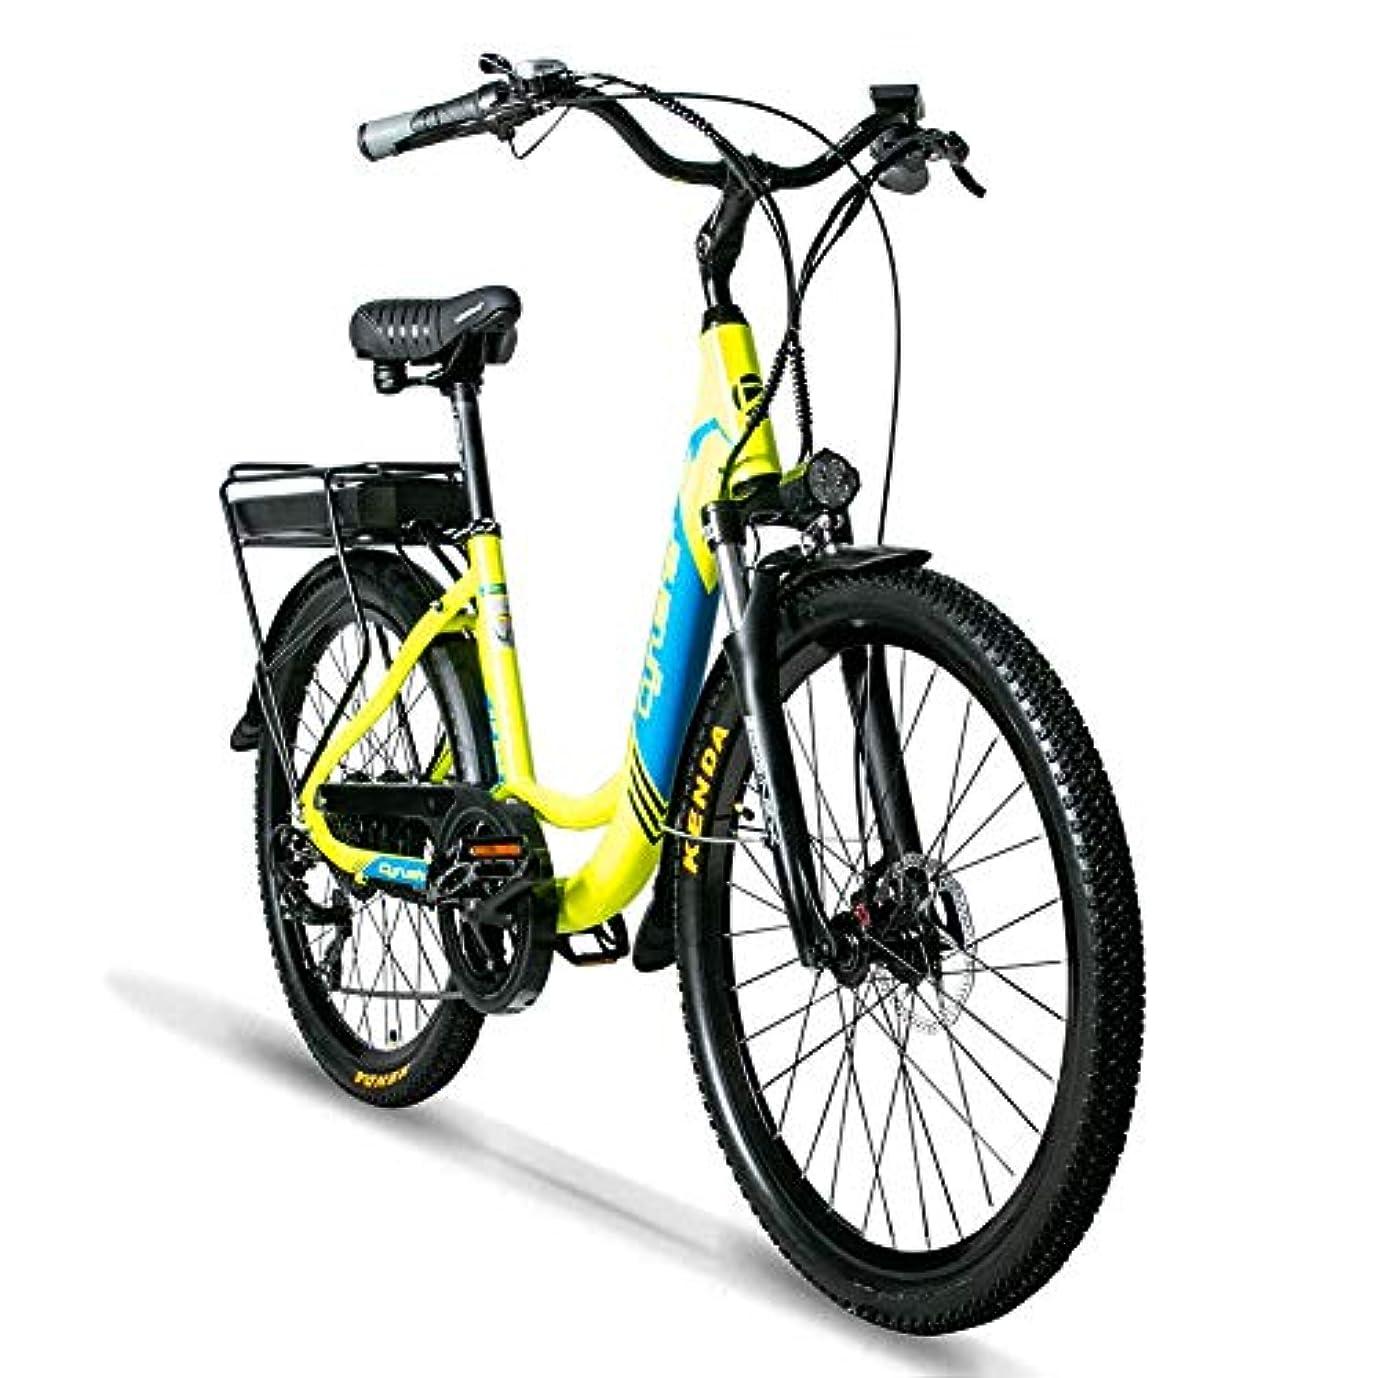 博覧会追放レオナルドダExtrbici XF200 アシスト自転車 女性専用自転車 MTB 26インチマウンテンバイク 500Wモーター 48V*14AHリチウムバッテリー 専用充電器付 荷台付き